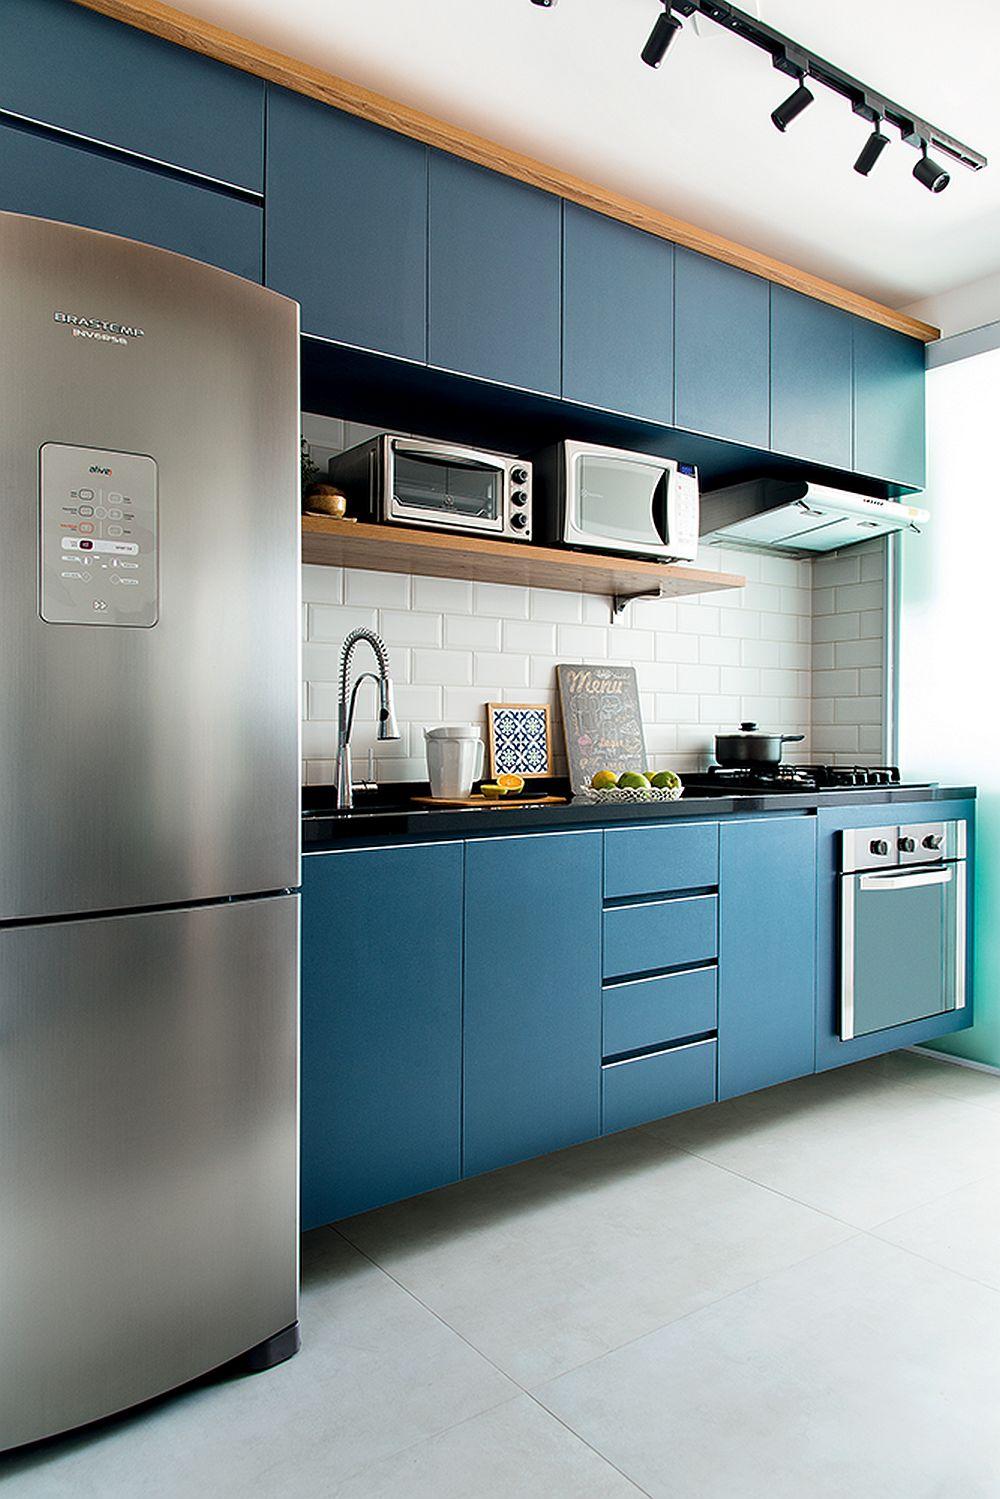 Pentru că spațiul bucătăriei se vede în mare parte încă de la intrarea în casă, tinerii și-au dorit o culoare mai deosebită pentru mobilier. Arhitecta care a proiectat spațiul a avut în vedere ca mobilierul în partea de jos să fie suspendat pentru a da impresia că plutește și ca atare pardoseala să fie percepută ca fiind mai mare, deci iluzia unui spațiu mai amplu.